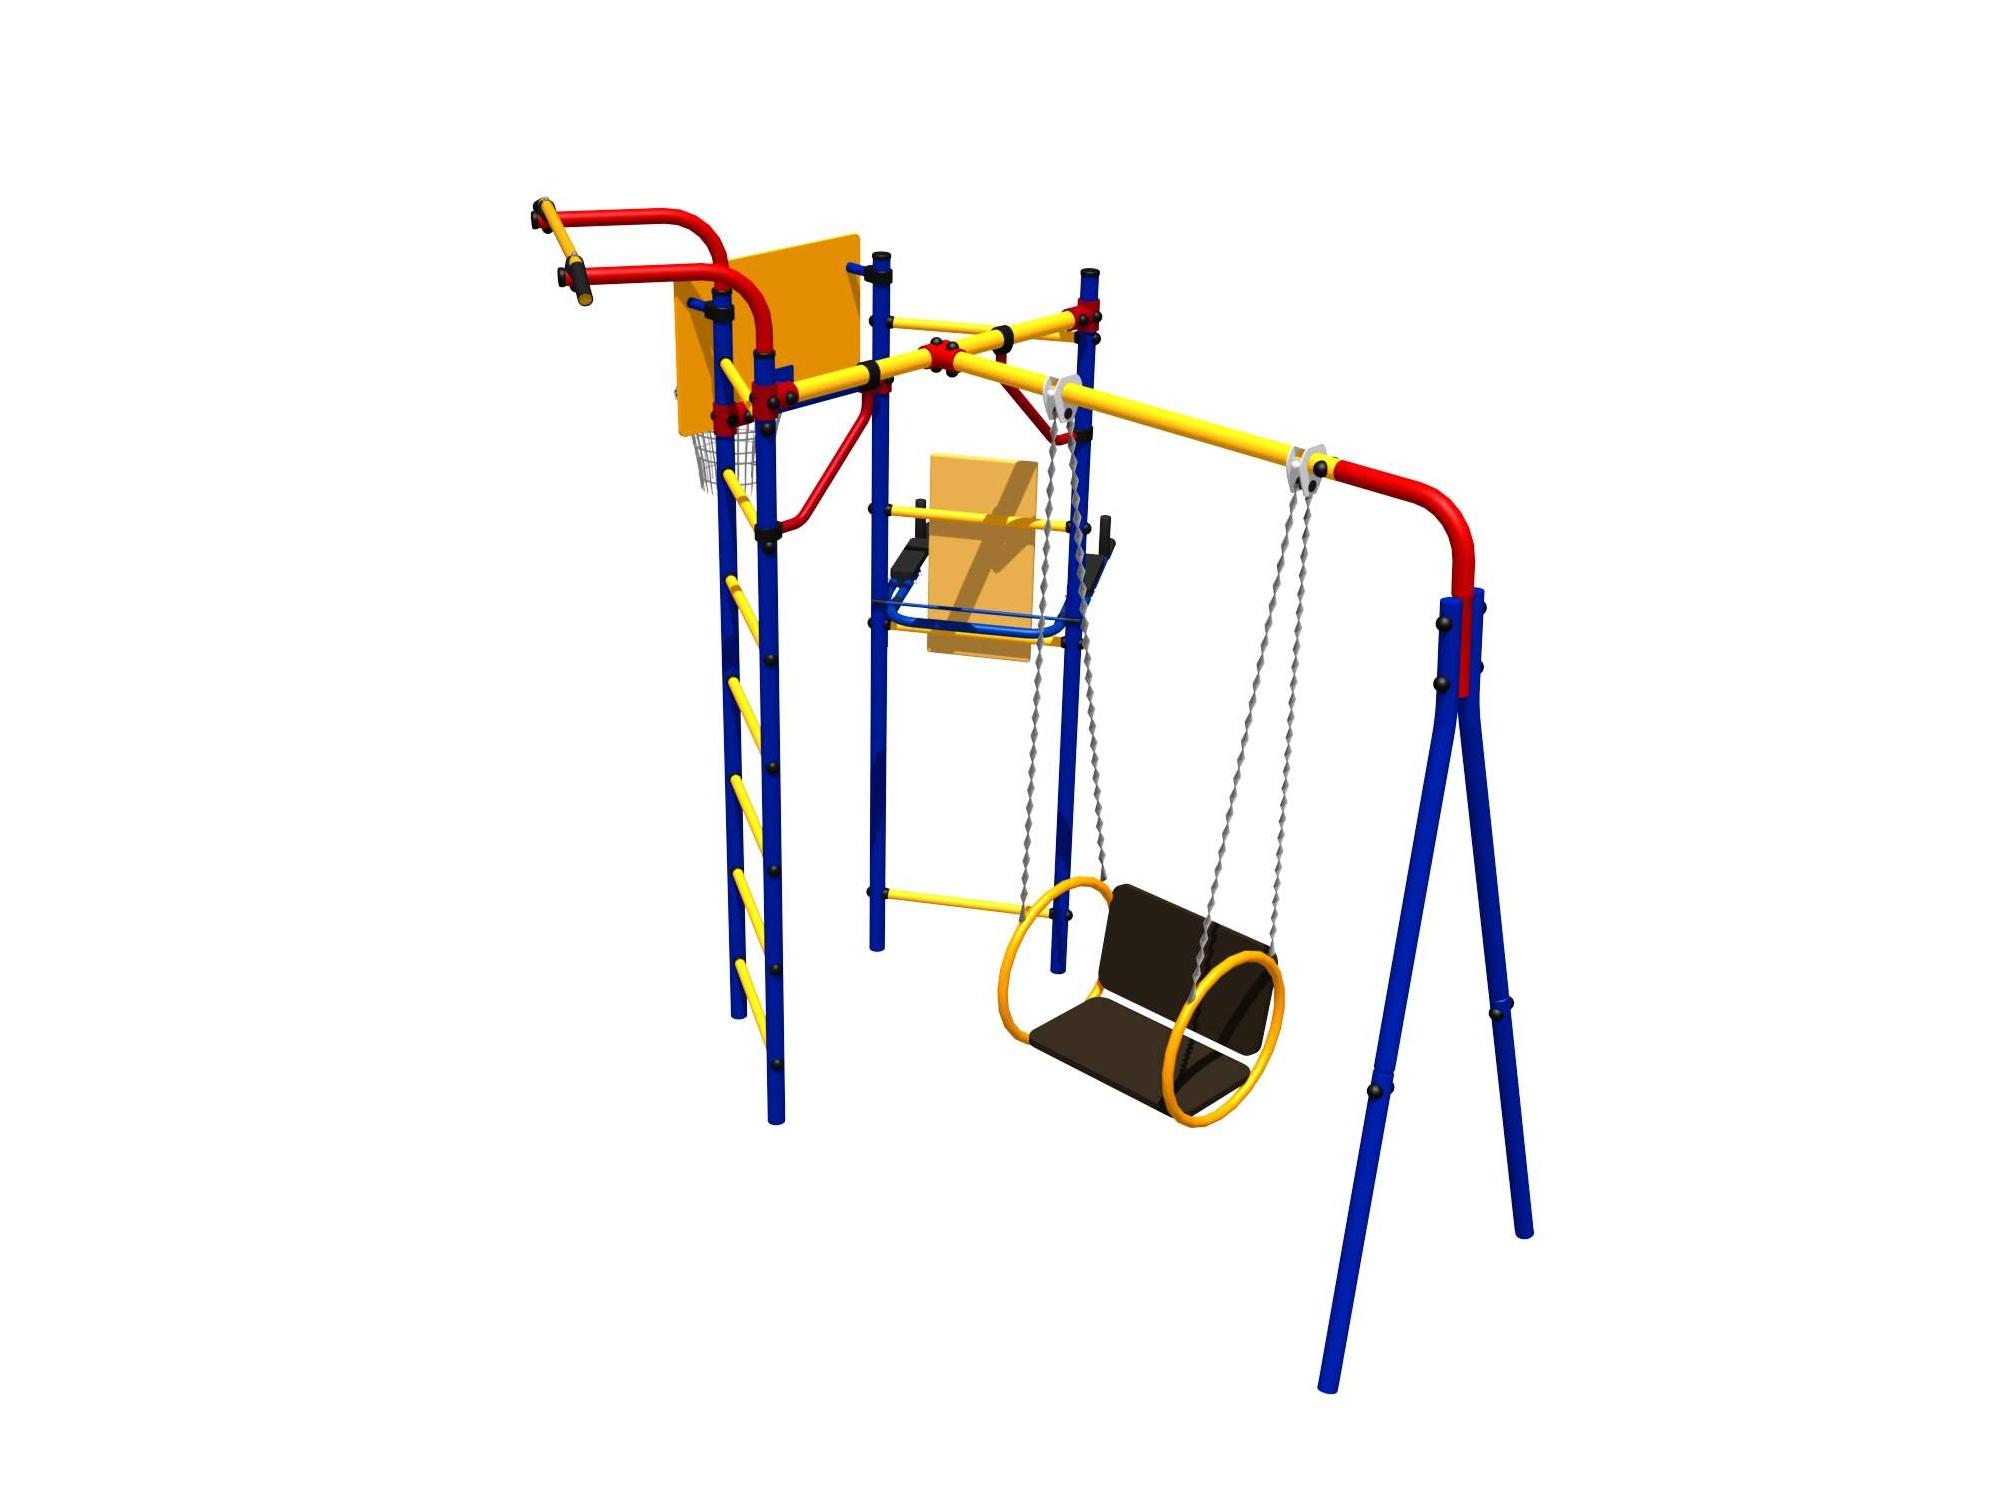 Уличный спортивный комплекс СК-3.3.14.28 регулируемая скамья kraft fitness kffiuby